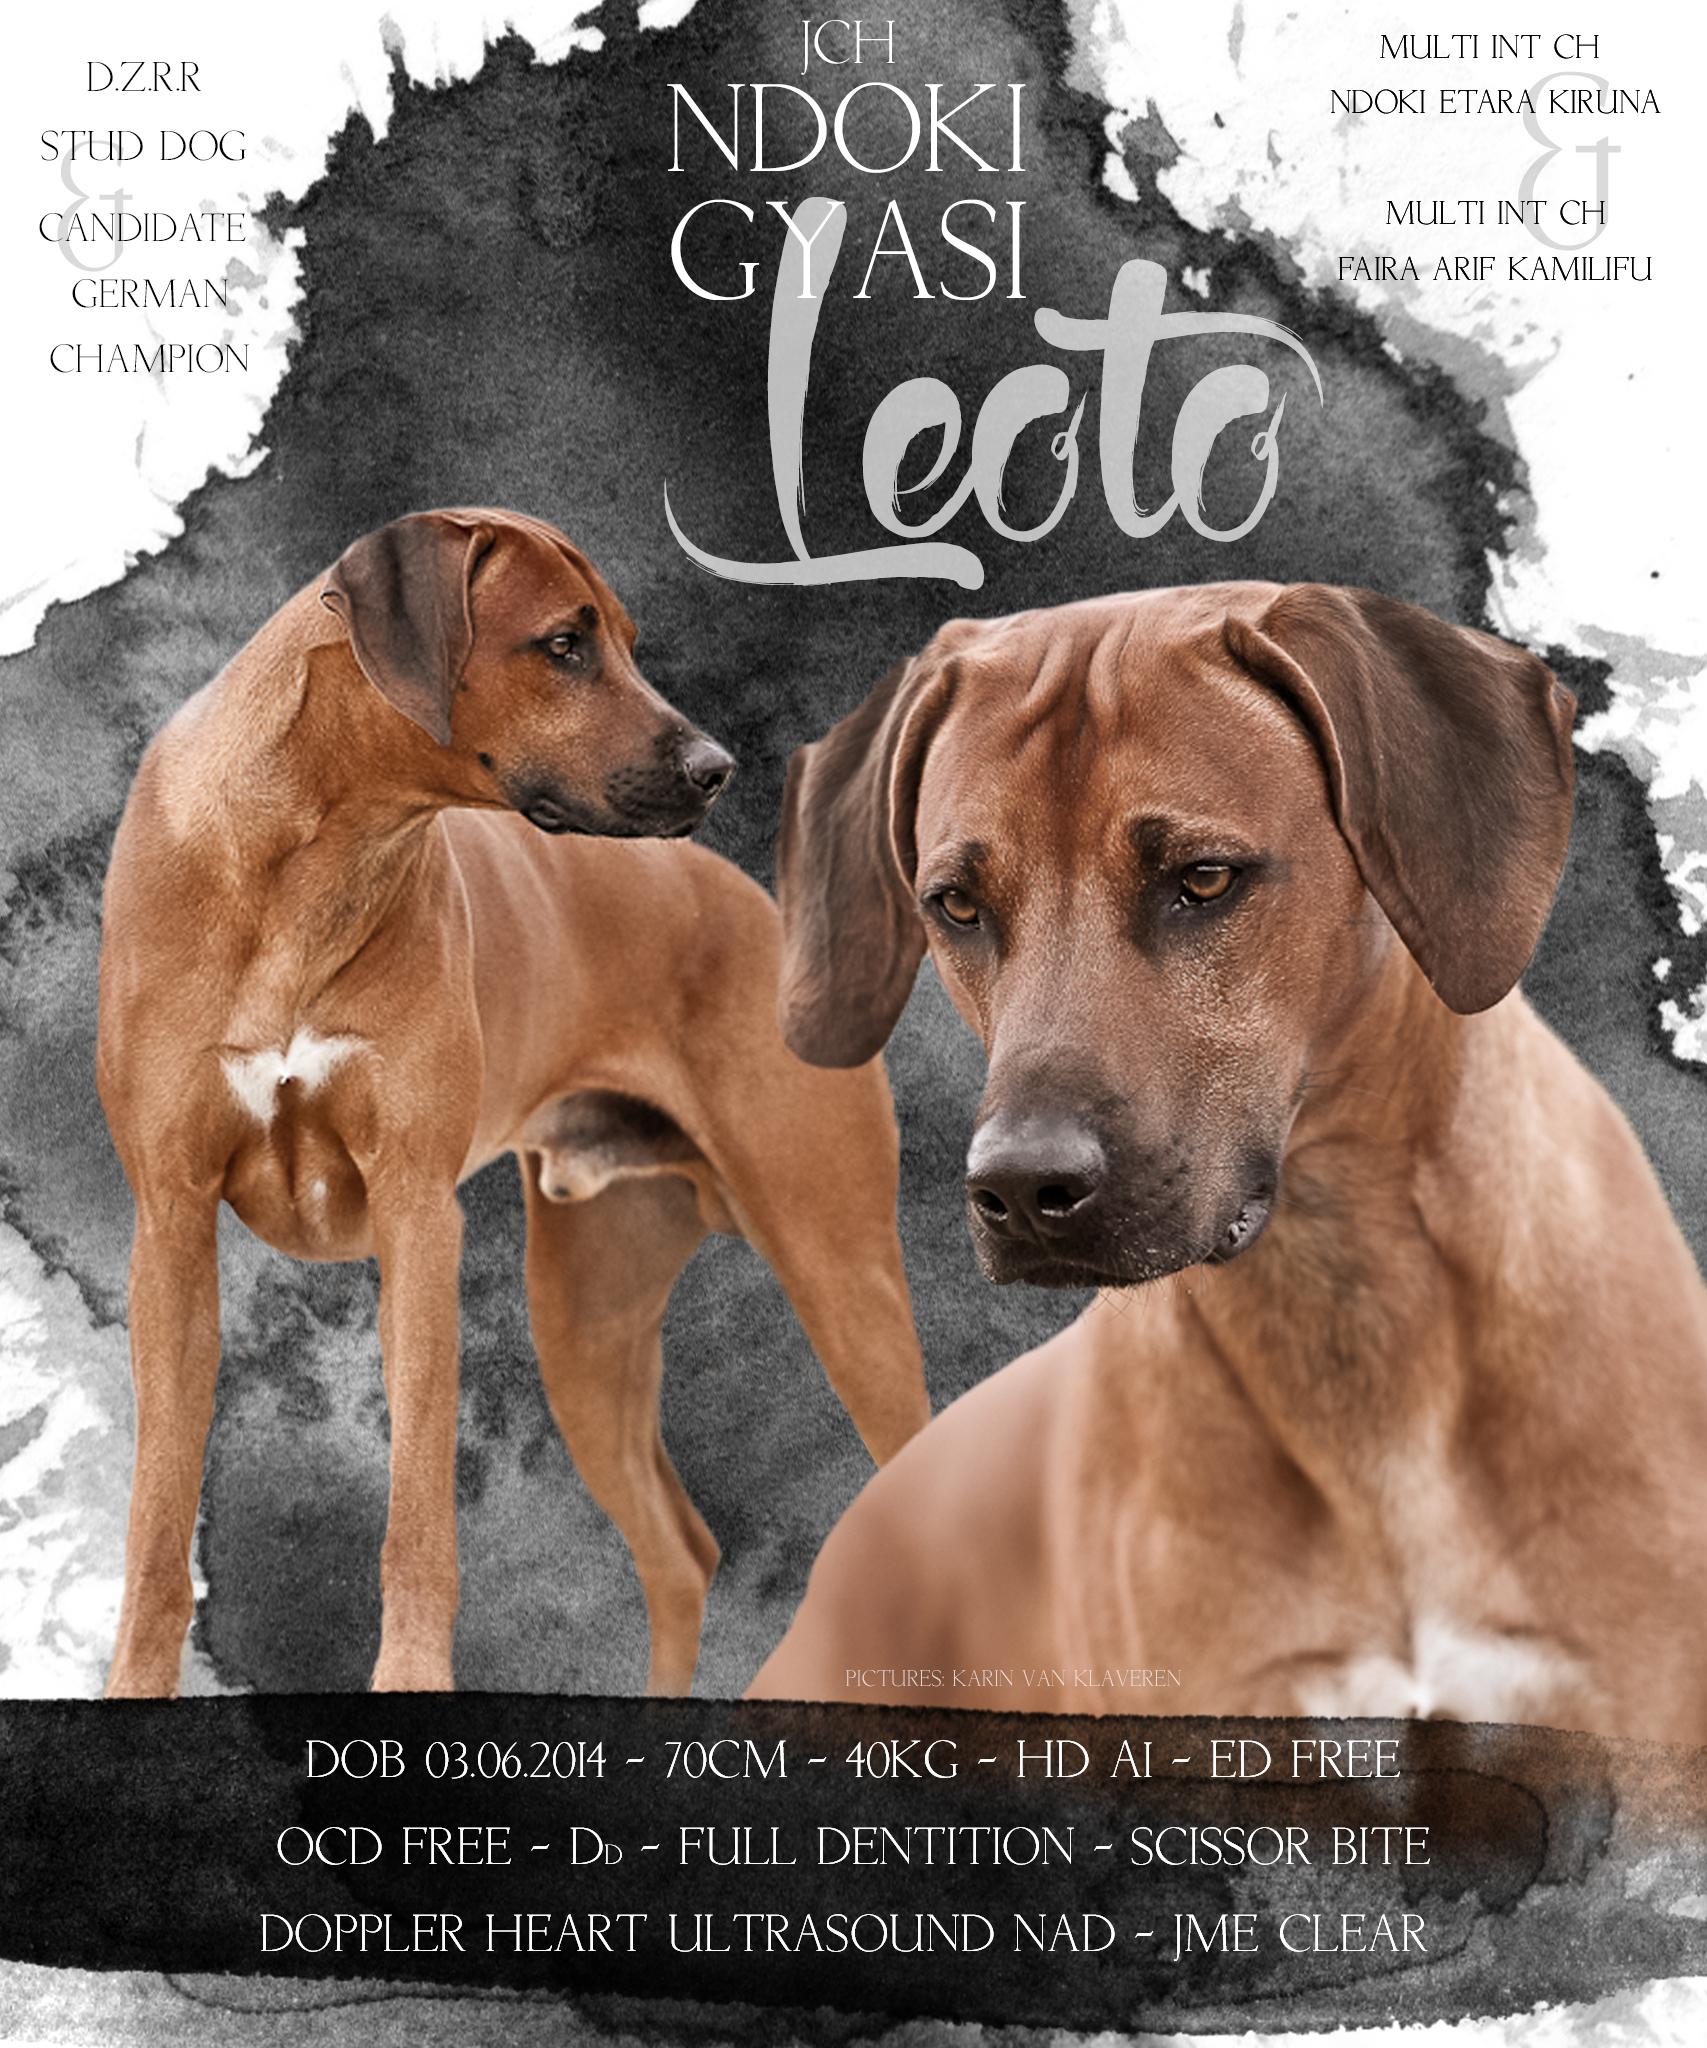 Leoto ist JME clear